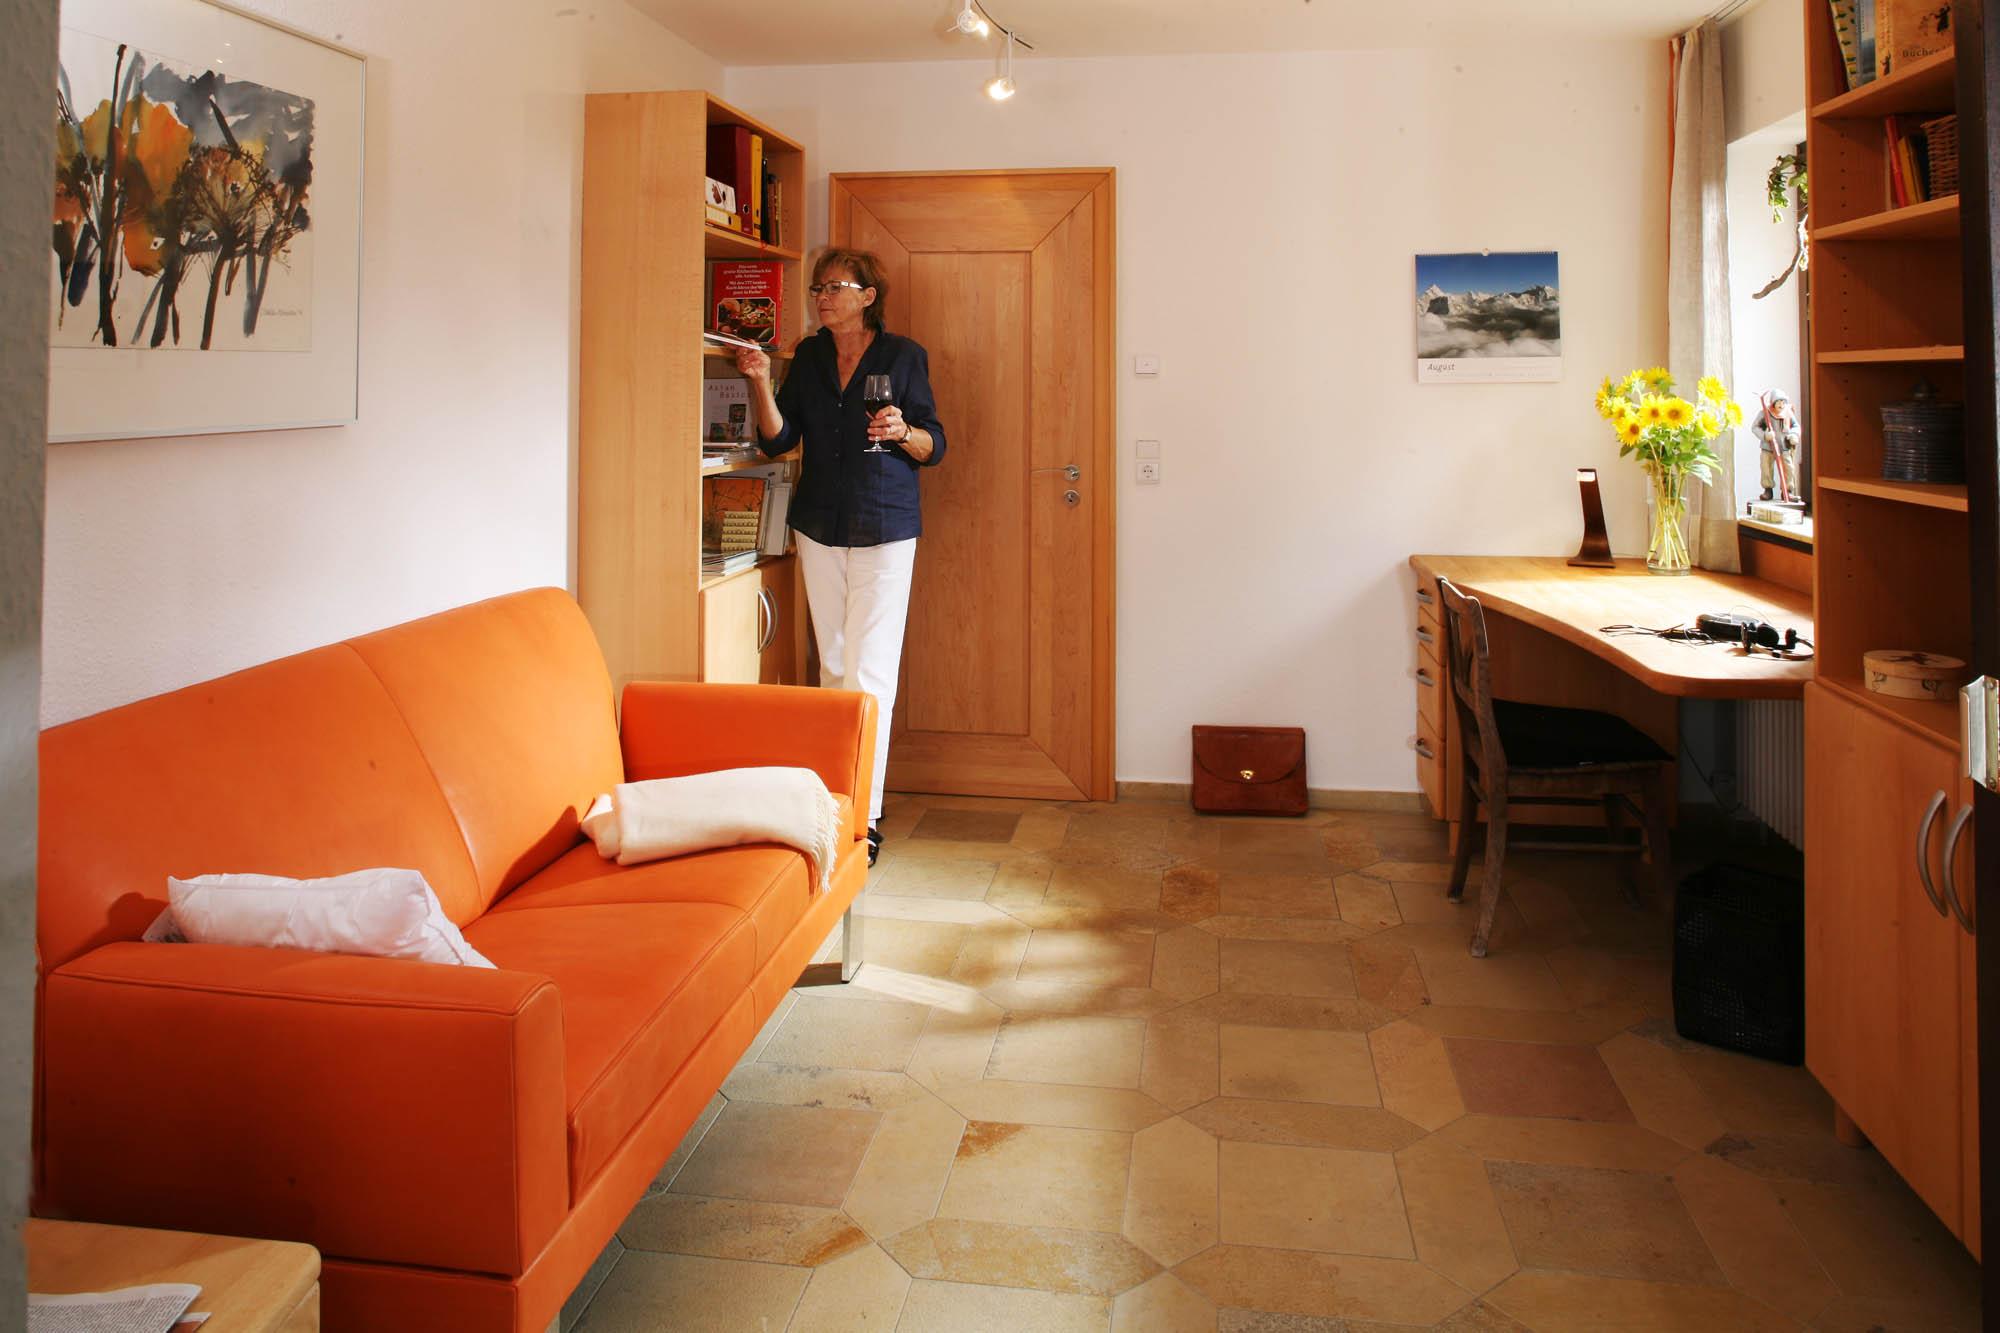 Hobbyzimmer r ckzugszimmer frauenzimmer herrenzimmer g stezimmer die m belmacher - Fernseh zimmer ...